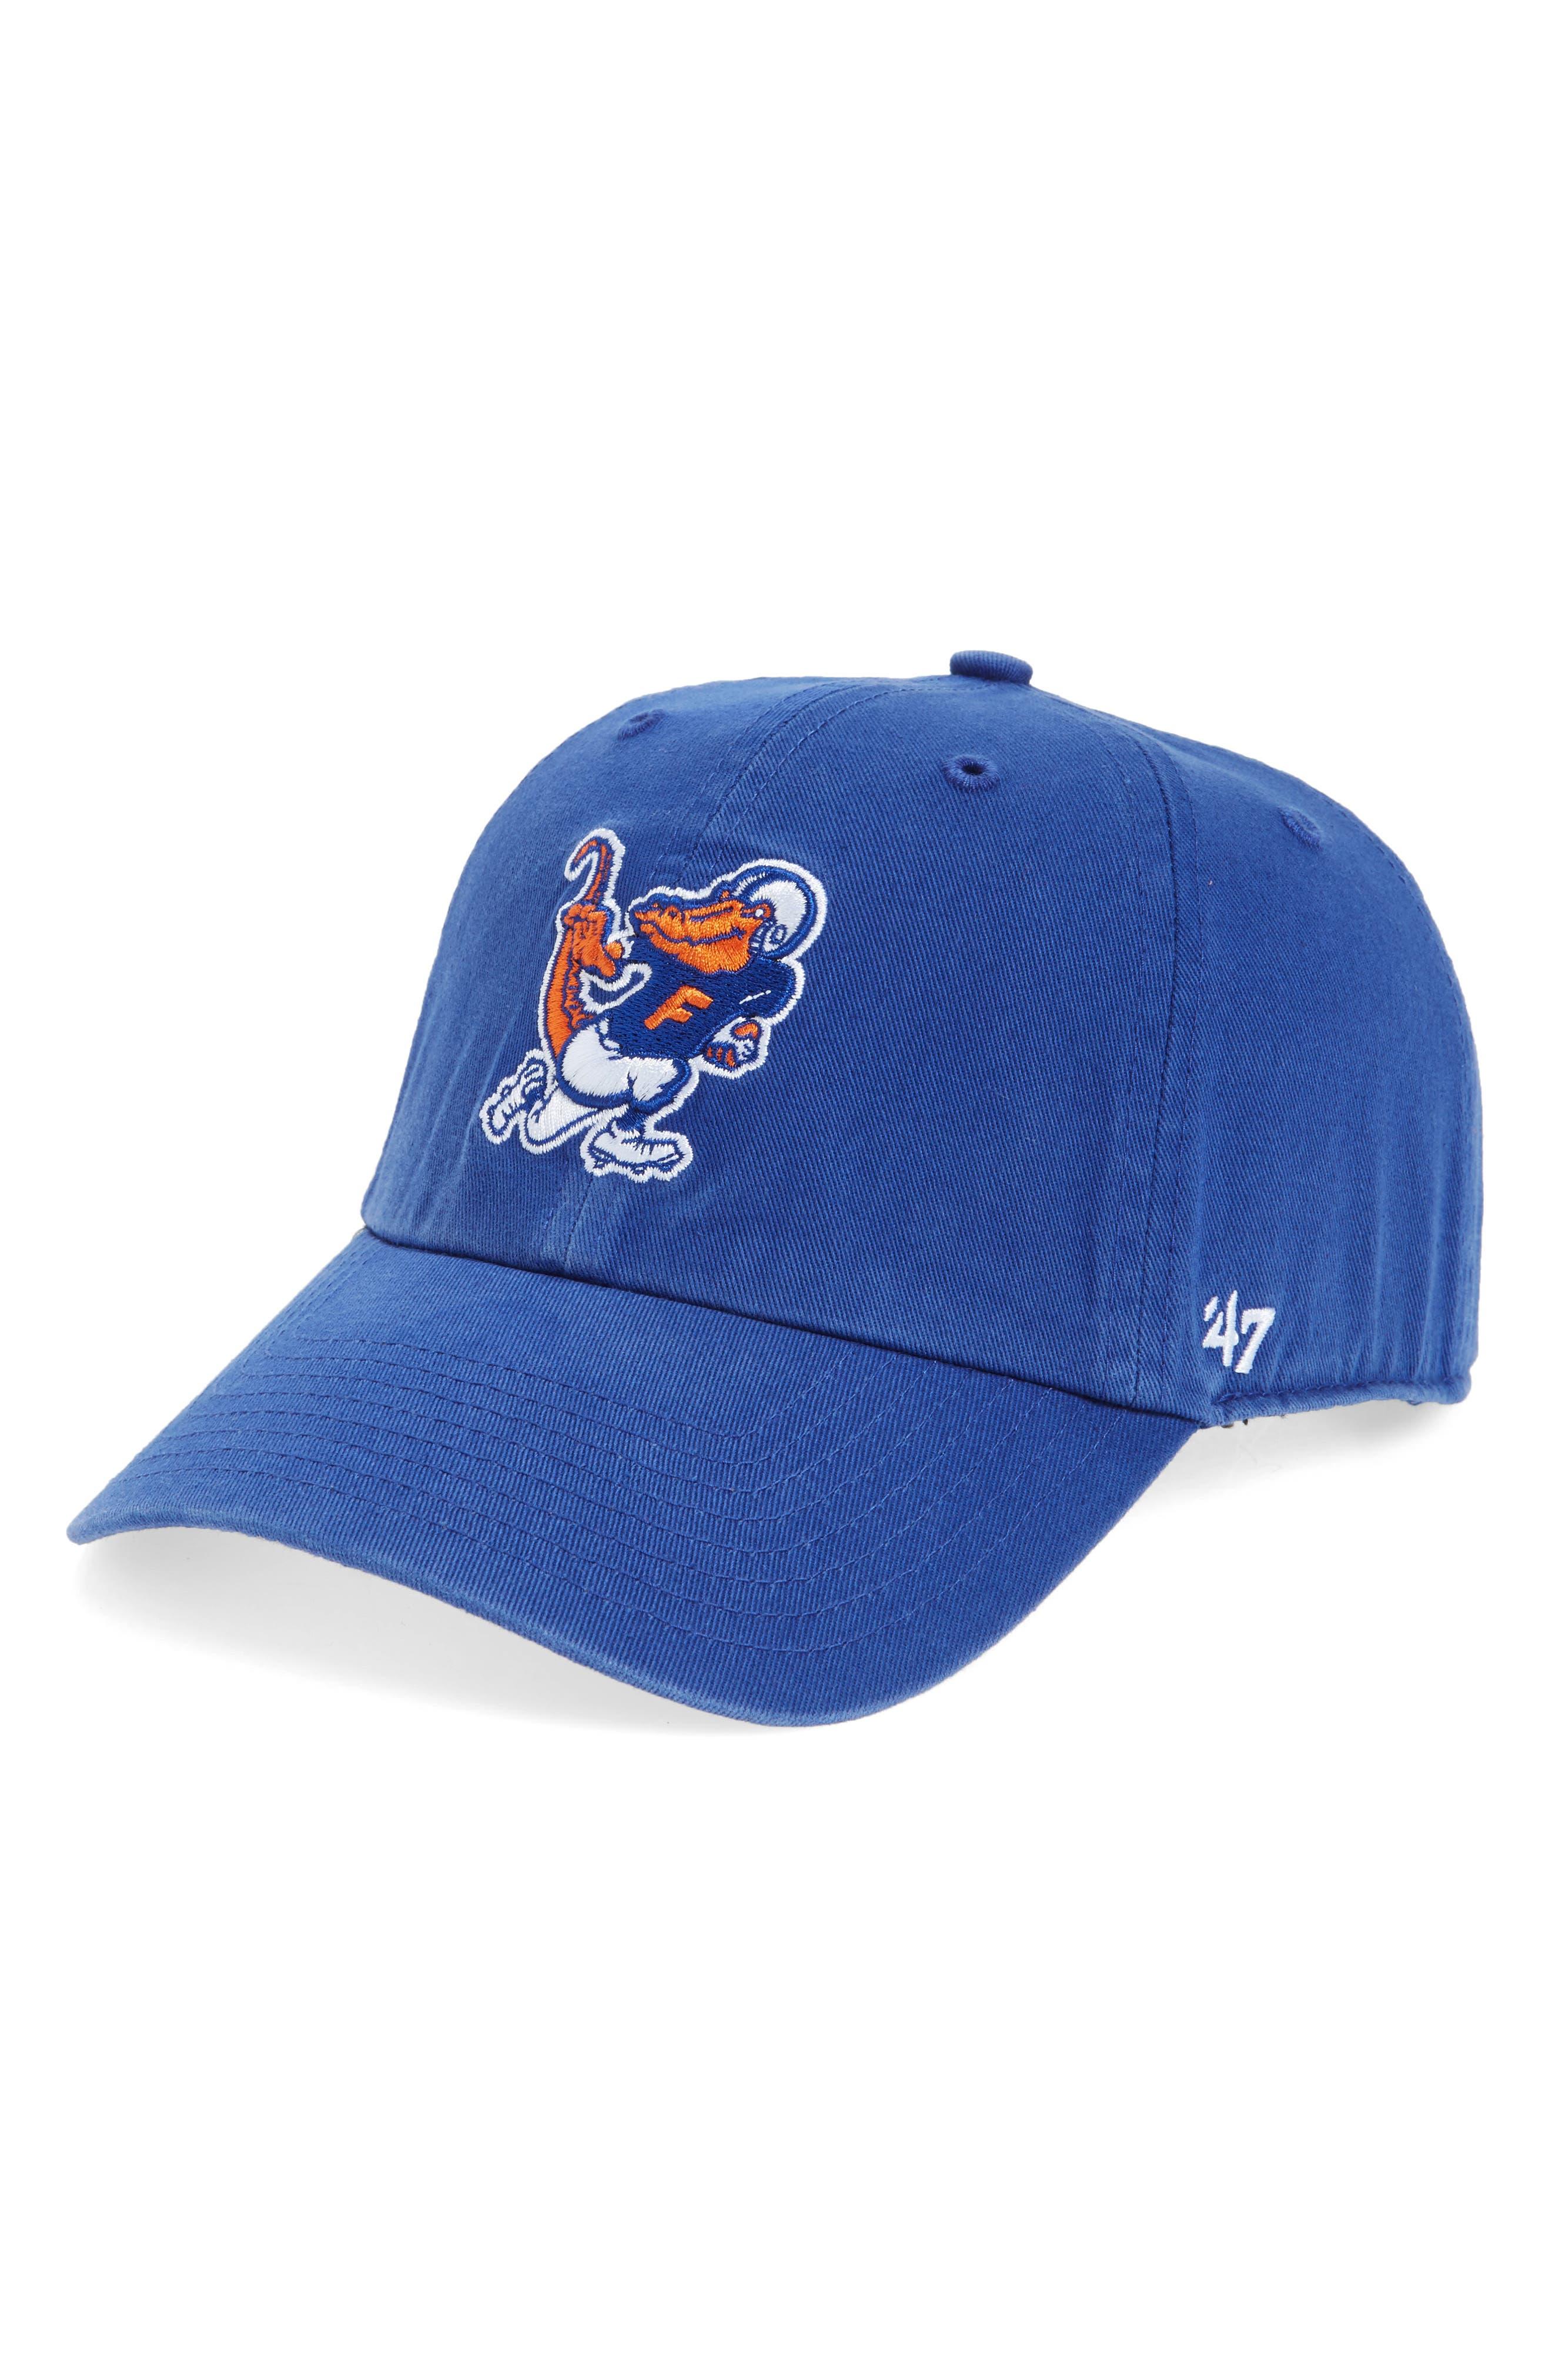 Alternate Image 1 Selected - '47 Florida Gators Clean-Up Baseball Cap